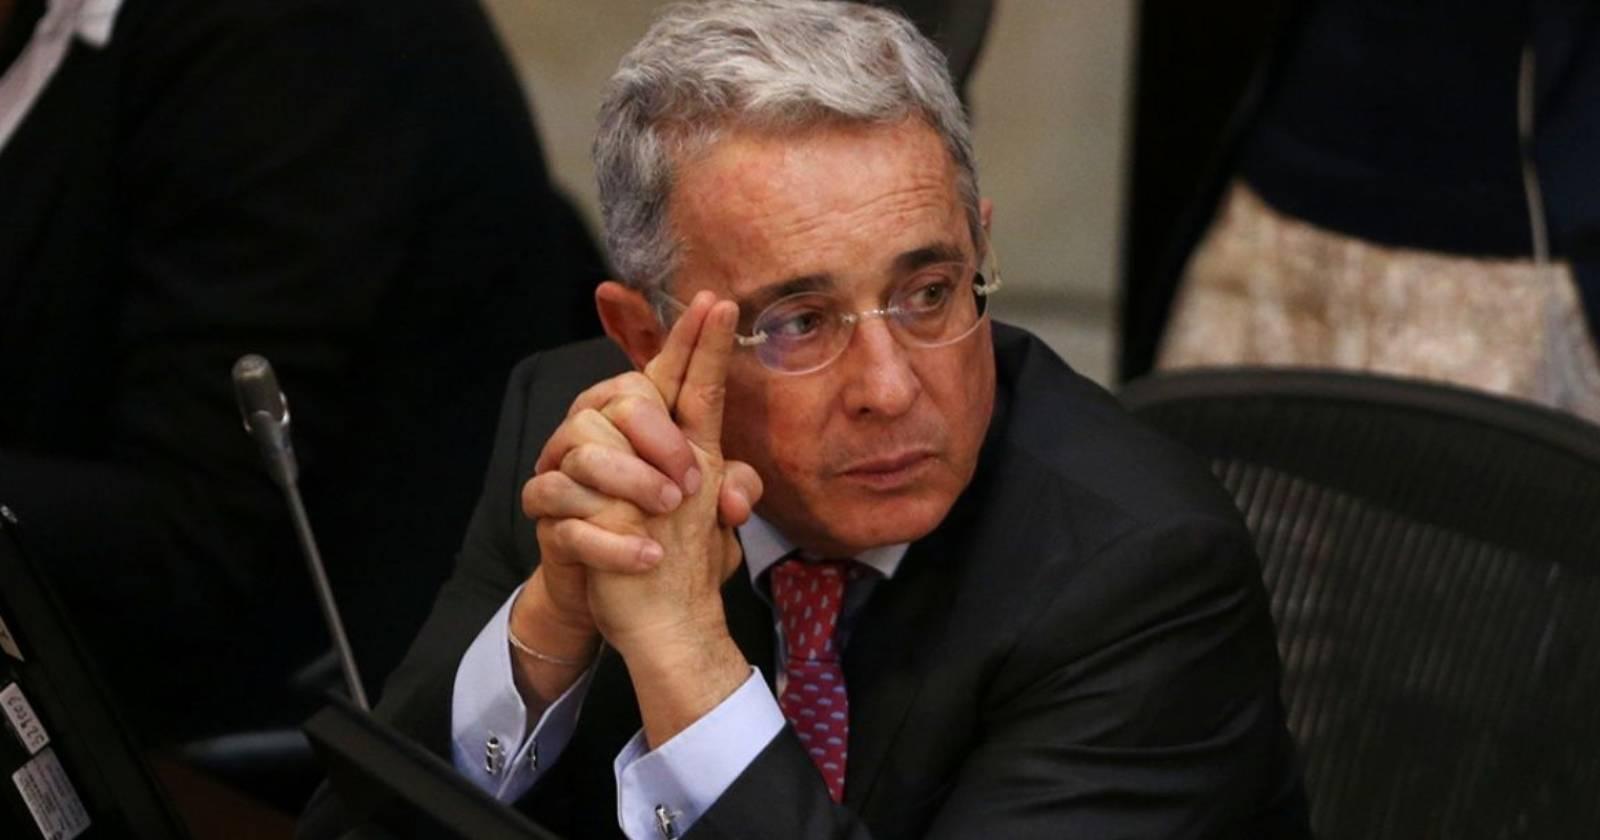 Mientras cumple arresto domiciliario: Álvaro Uribe y sus hijos dan positivo a coronavirus